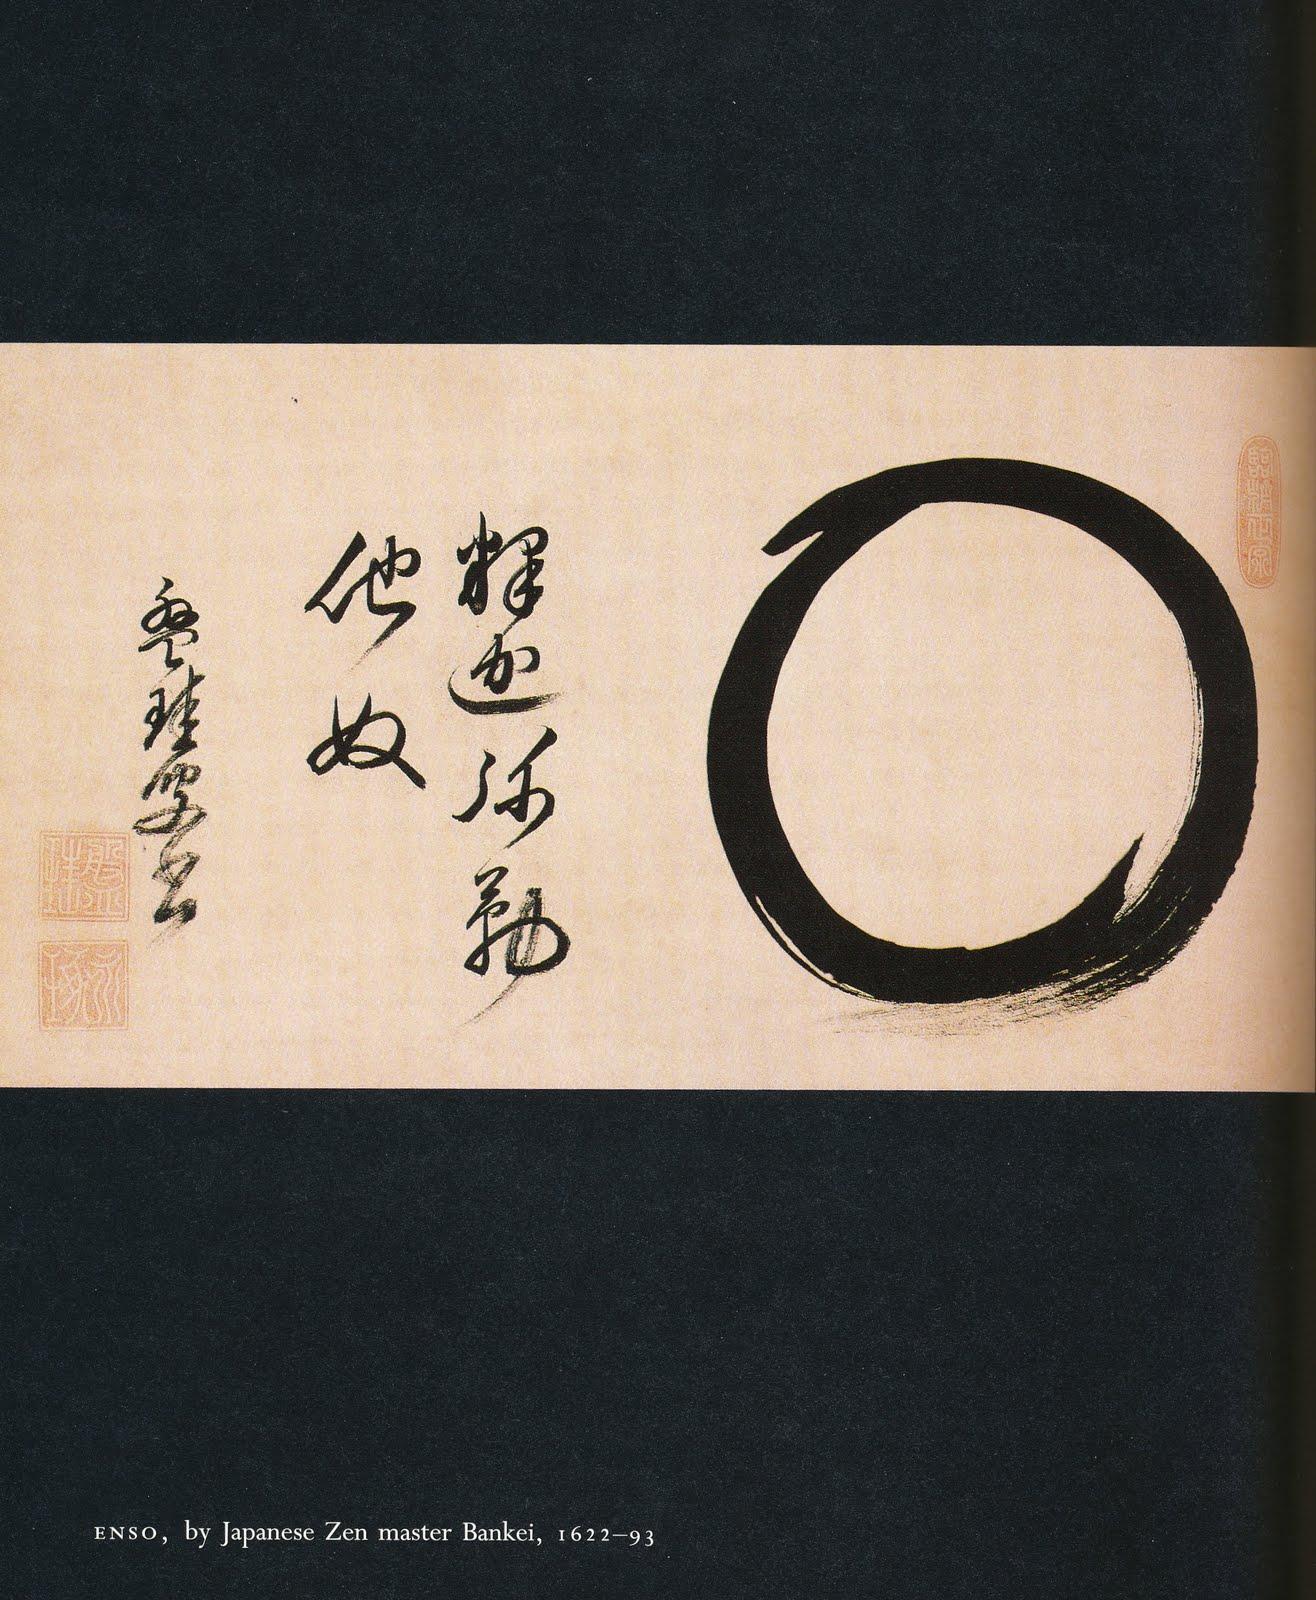 an analysis of zen buddhism Buddhist art and culture - mudra, mandala, stupa, rupa, shrines, architecture.